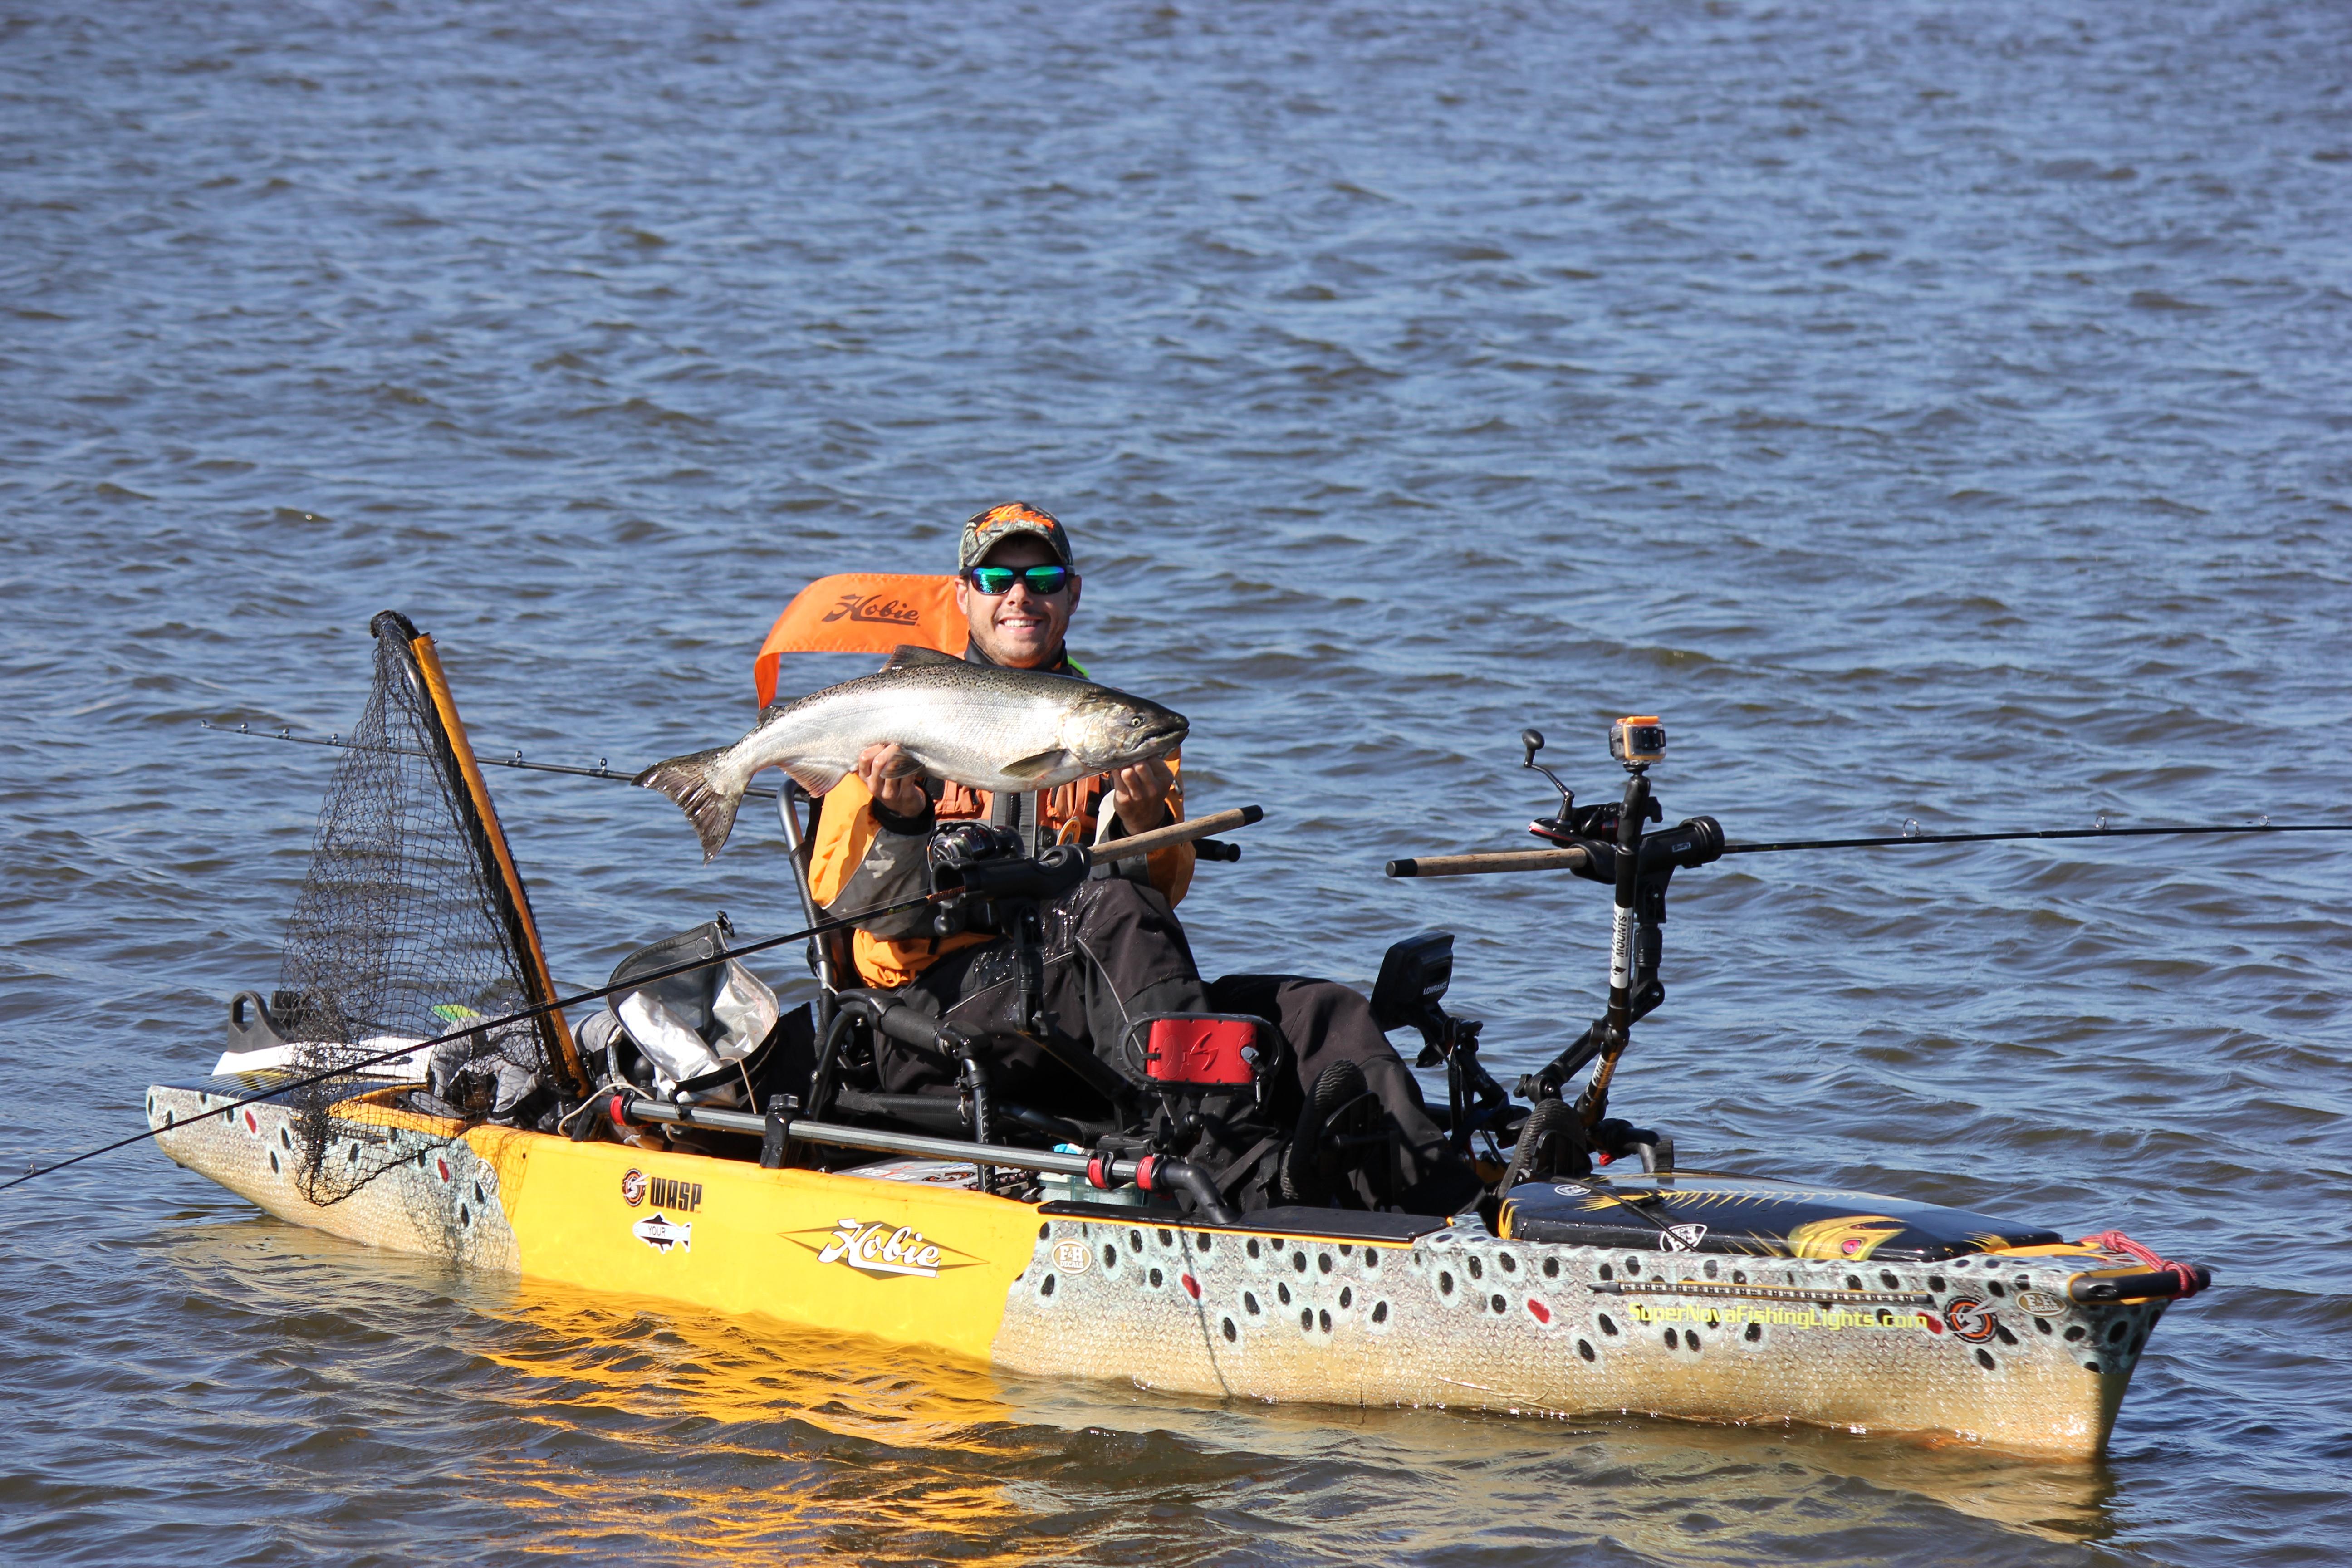 B 52 Bomber Wrap Fish Measuring Tape Kayak Wraps